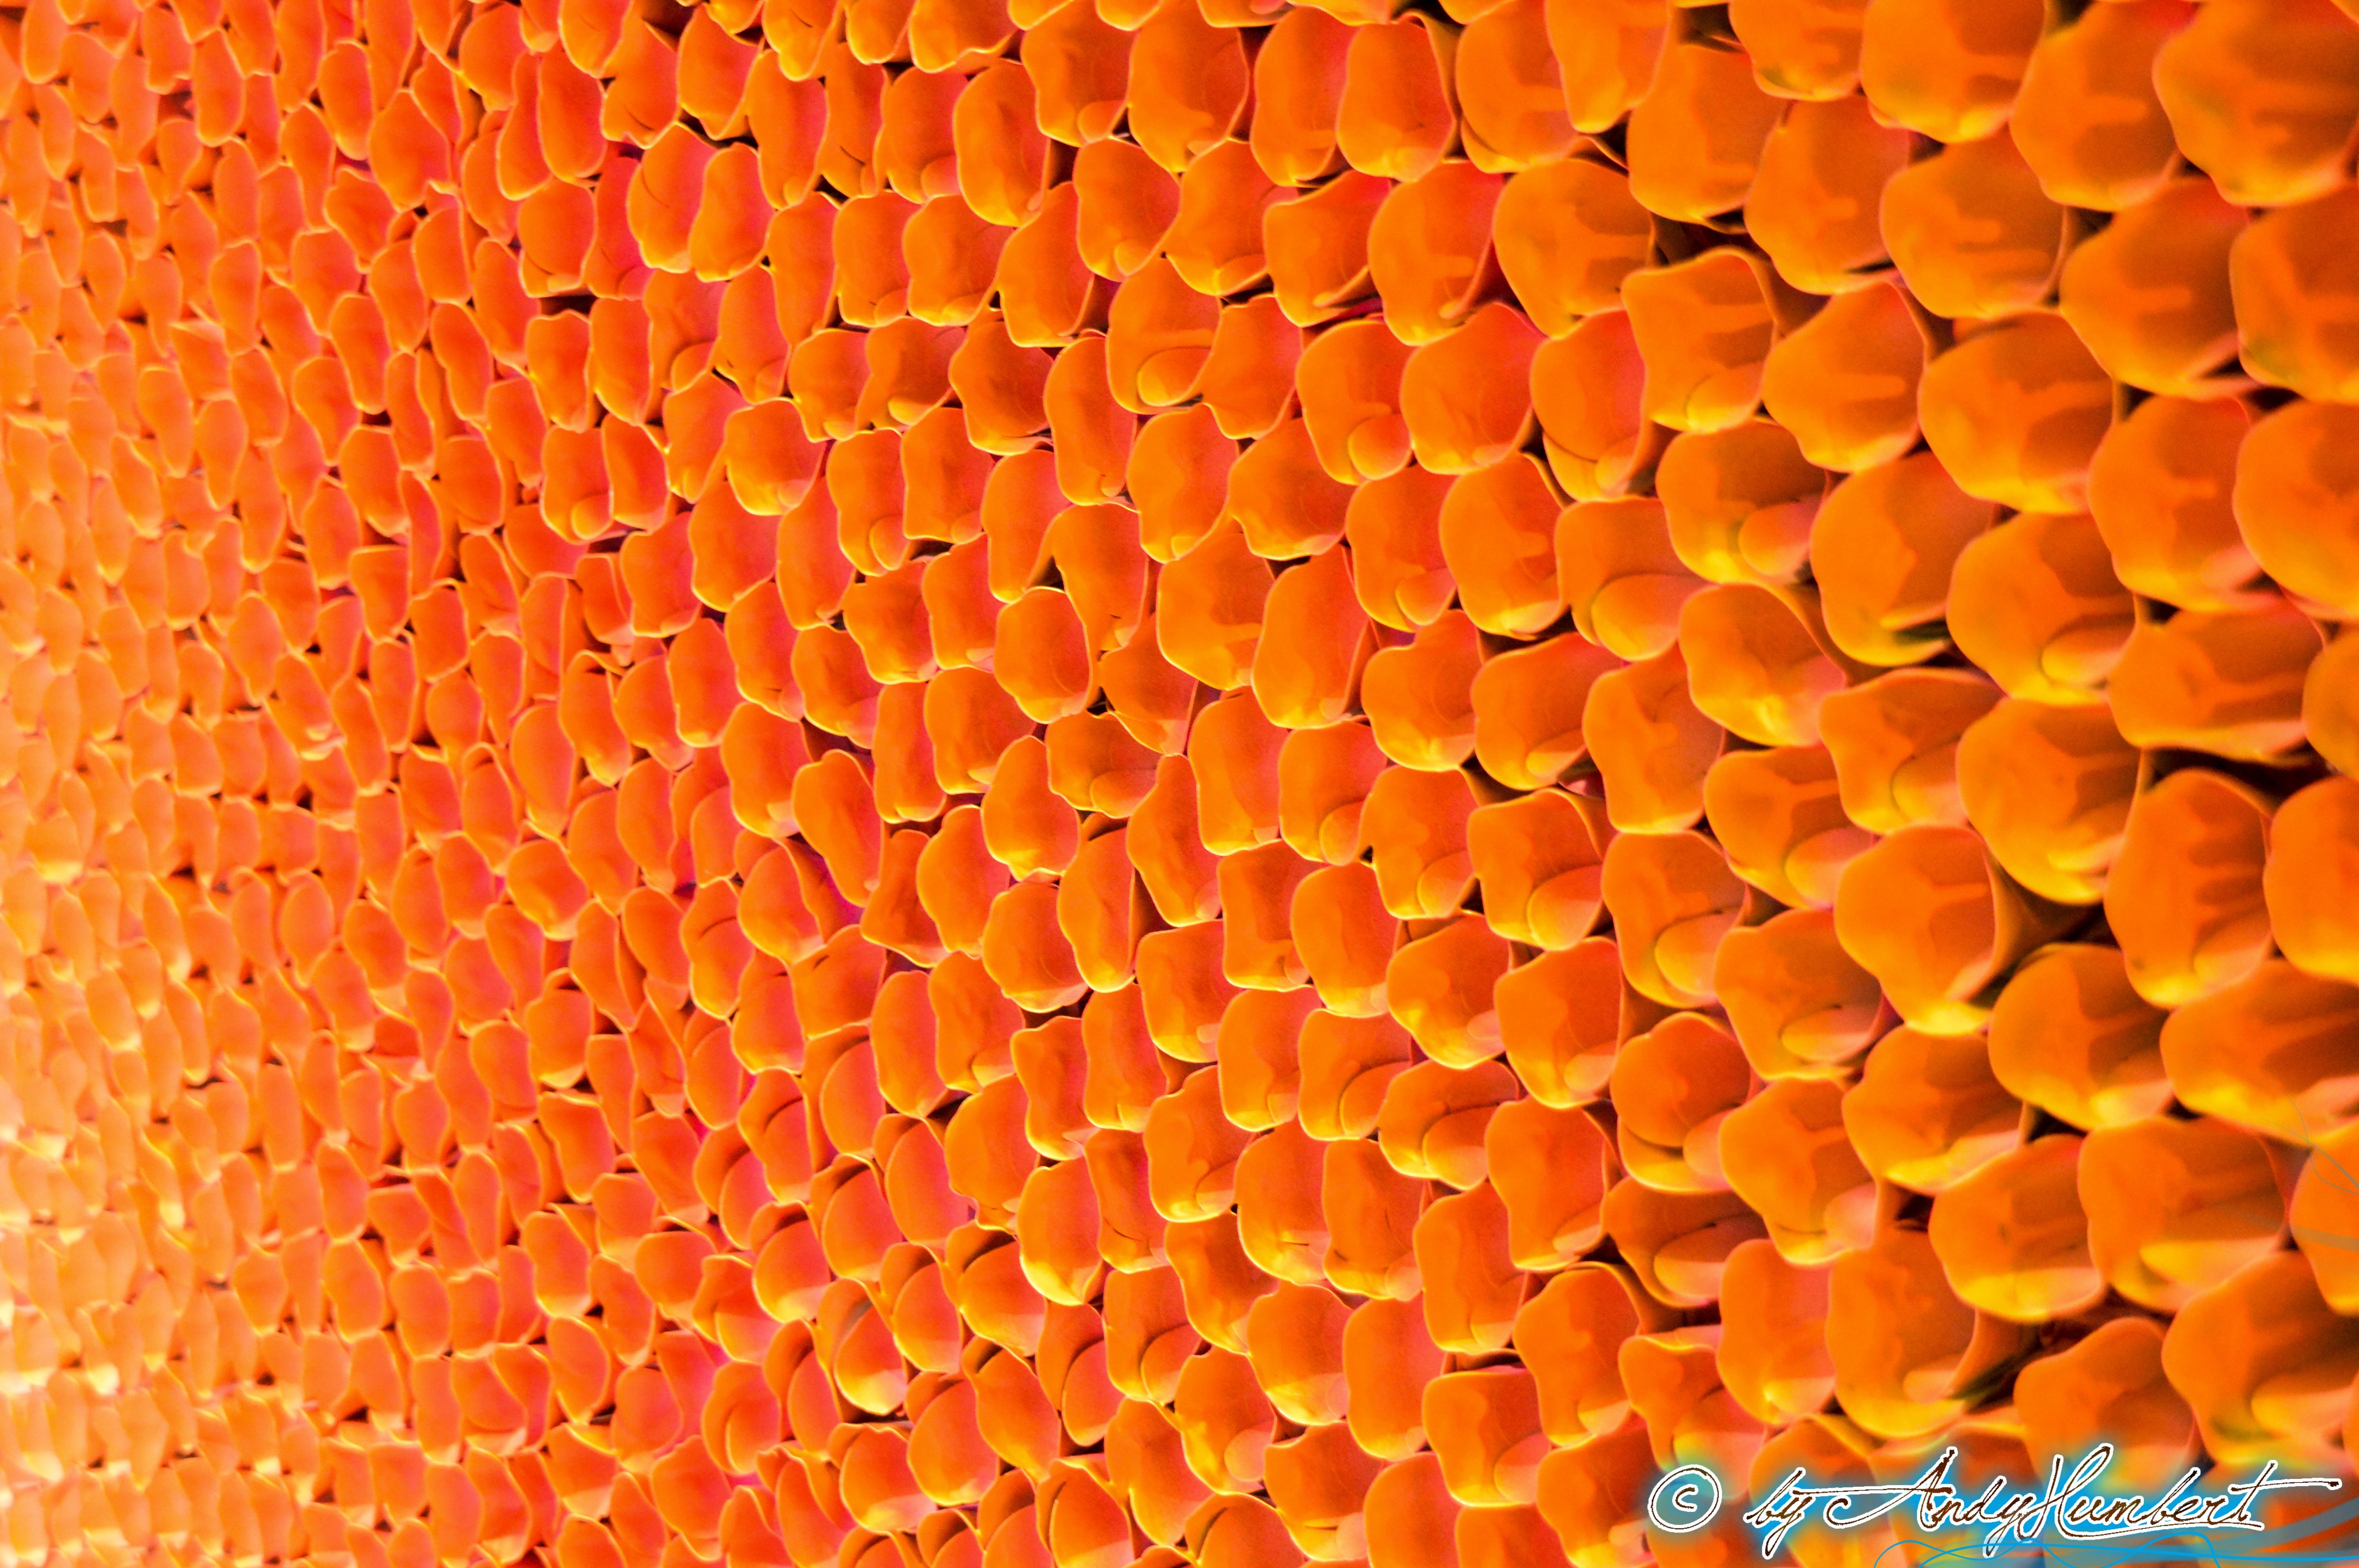 Flower Bed Series